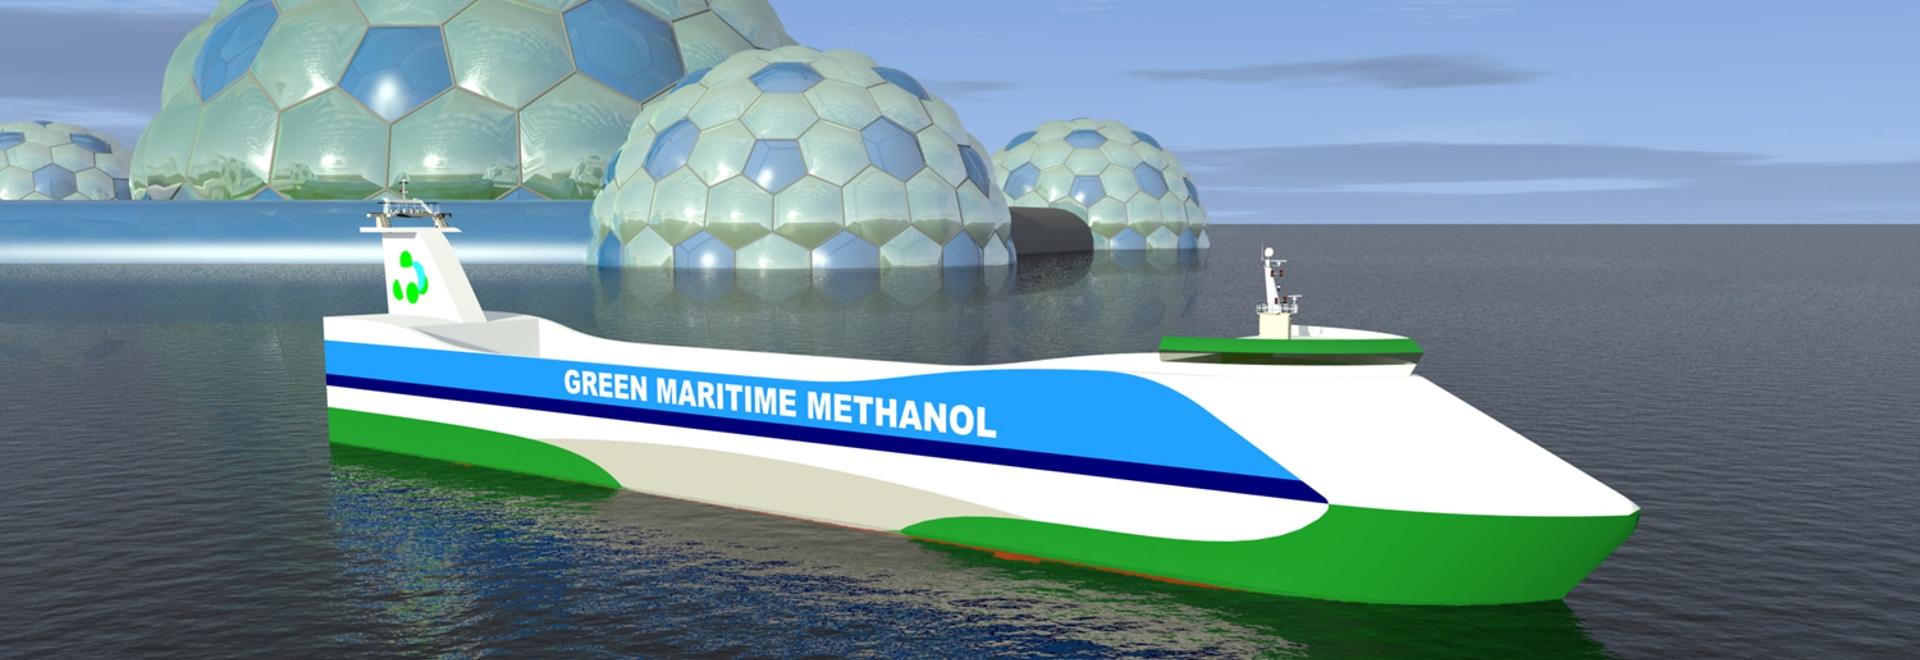 Niederländische Werften untersuchen nachhaltige Kraftstoffalternativen